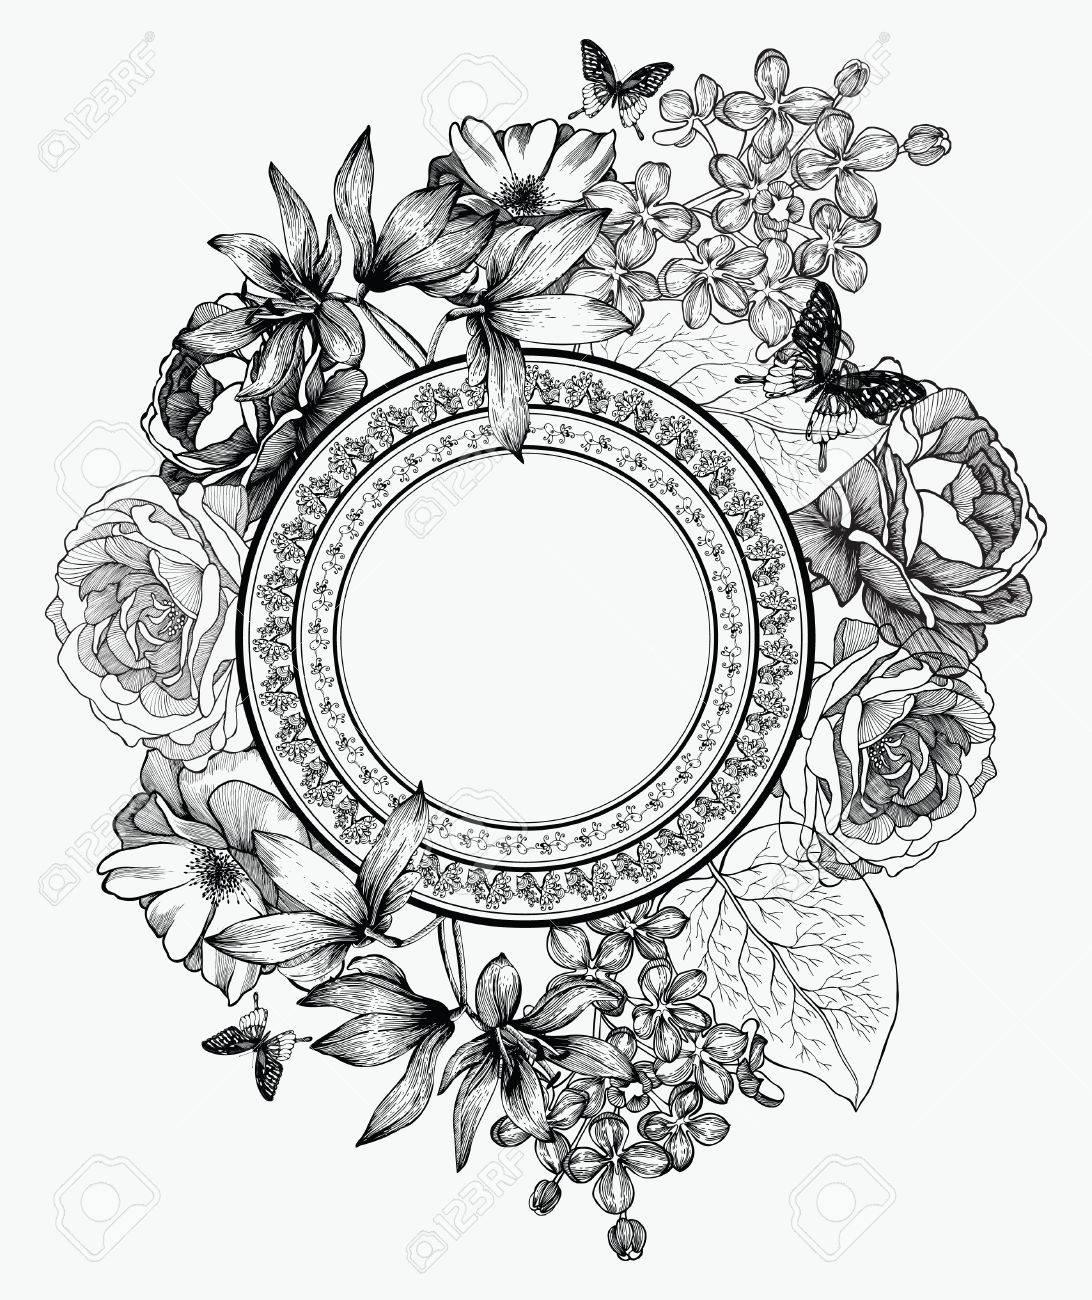 Banque dimages , Noir et blanc illustration vectorielle. Cadre avec des fleurs et des papillons, la main,dessin.